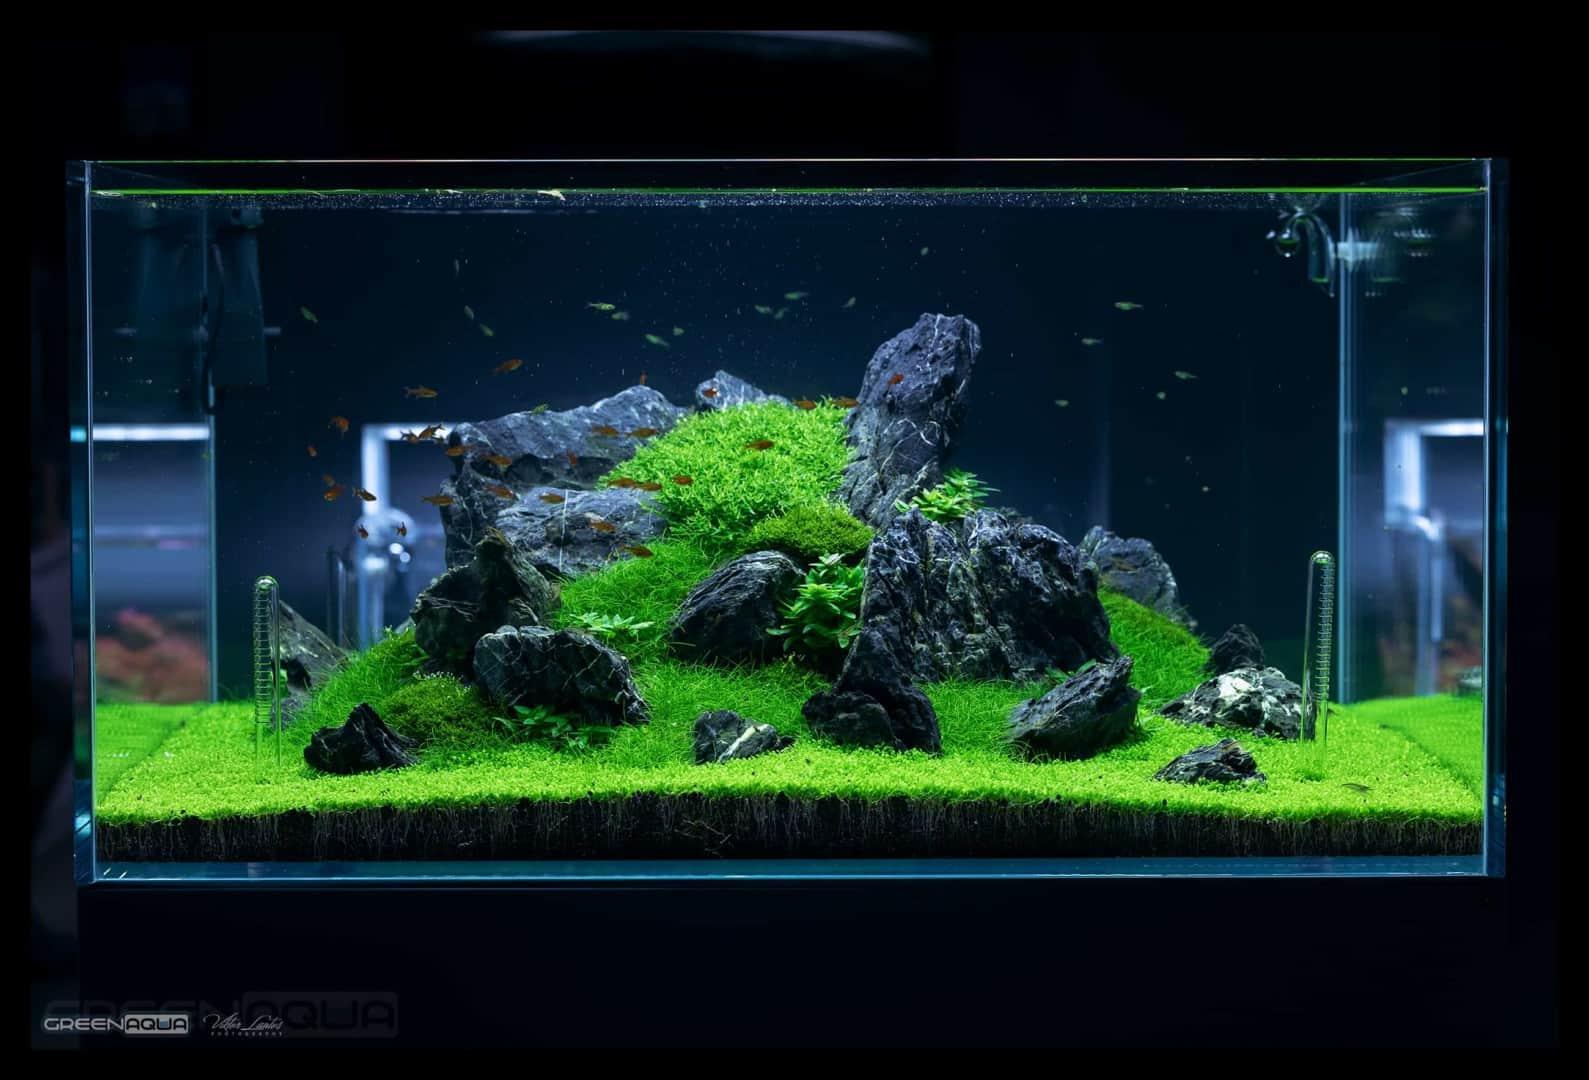 174 Green Aqua 2.0 (Volker Jochum) 22